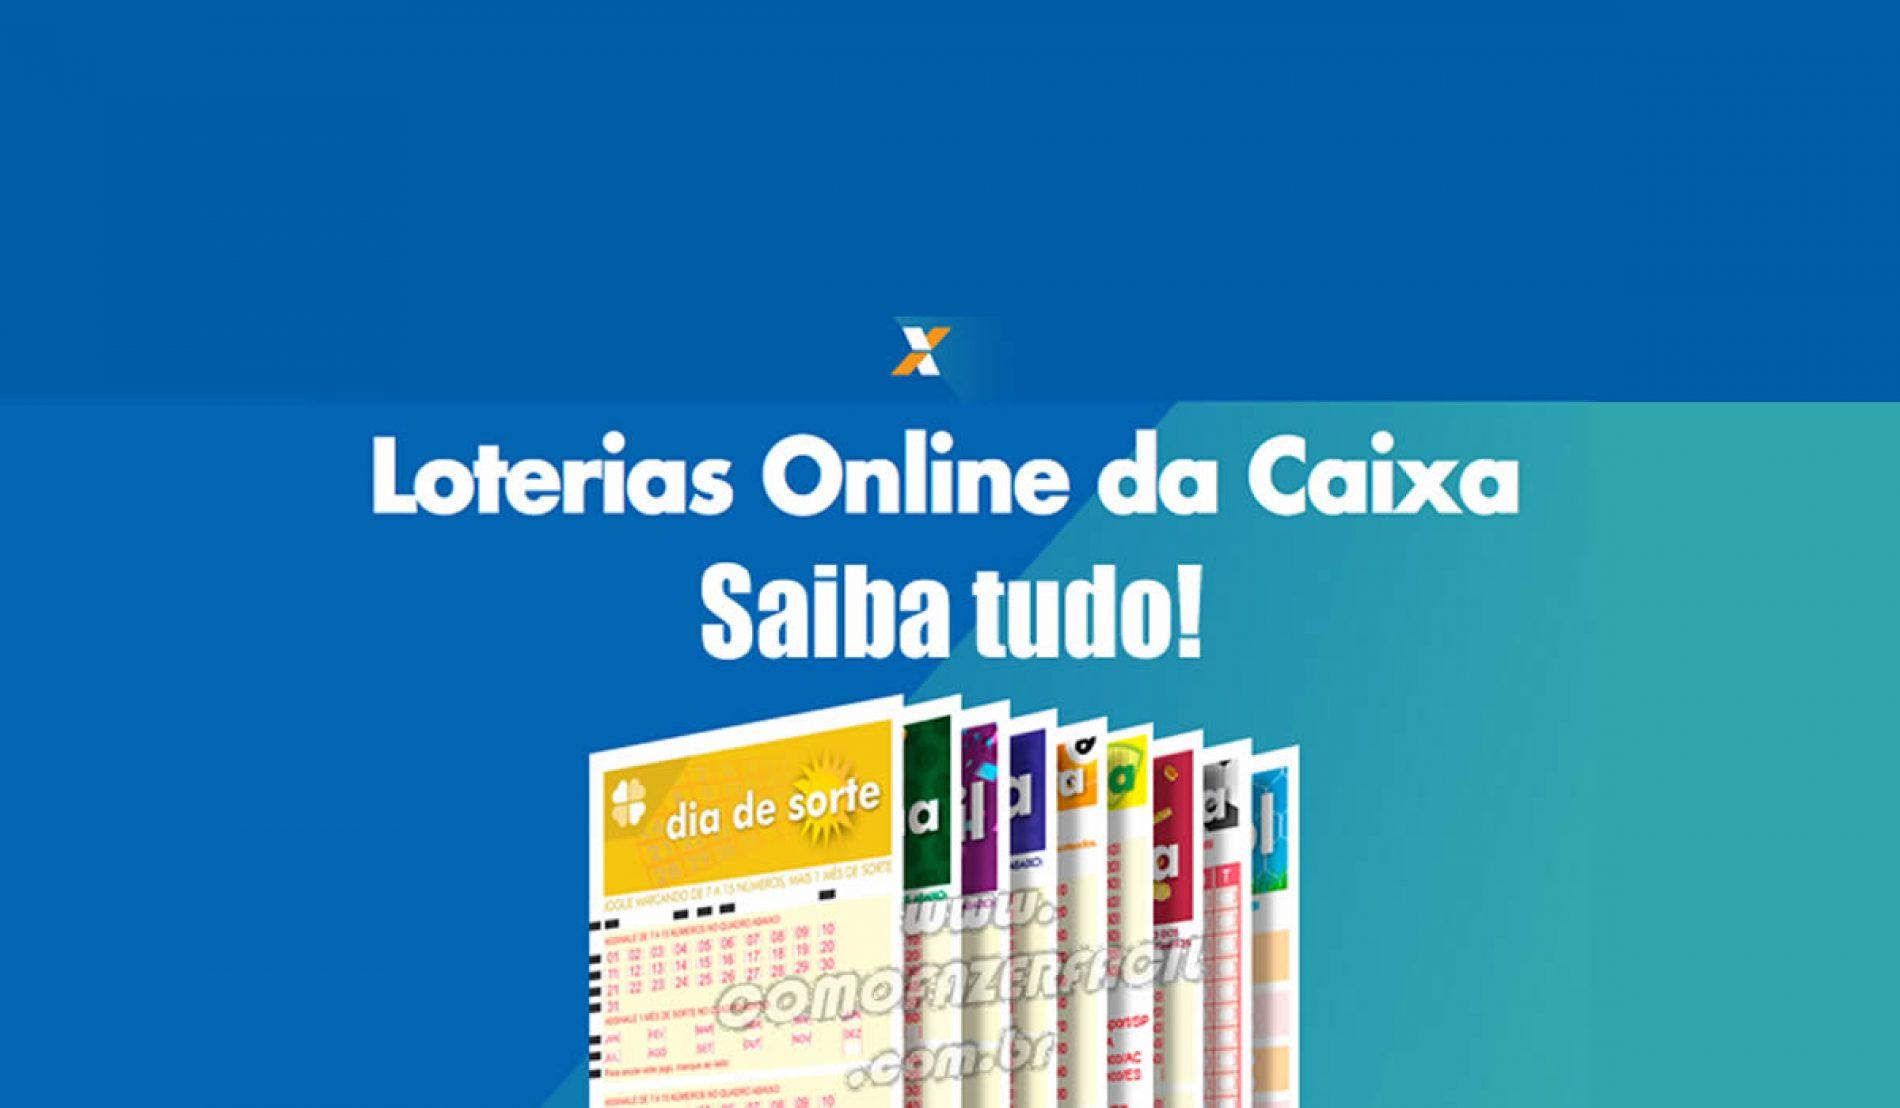 Como apostar nas Loterias Online Caixa pela internet